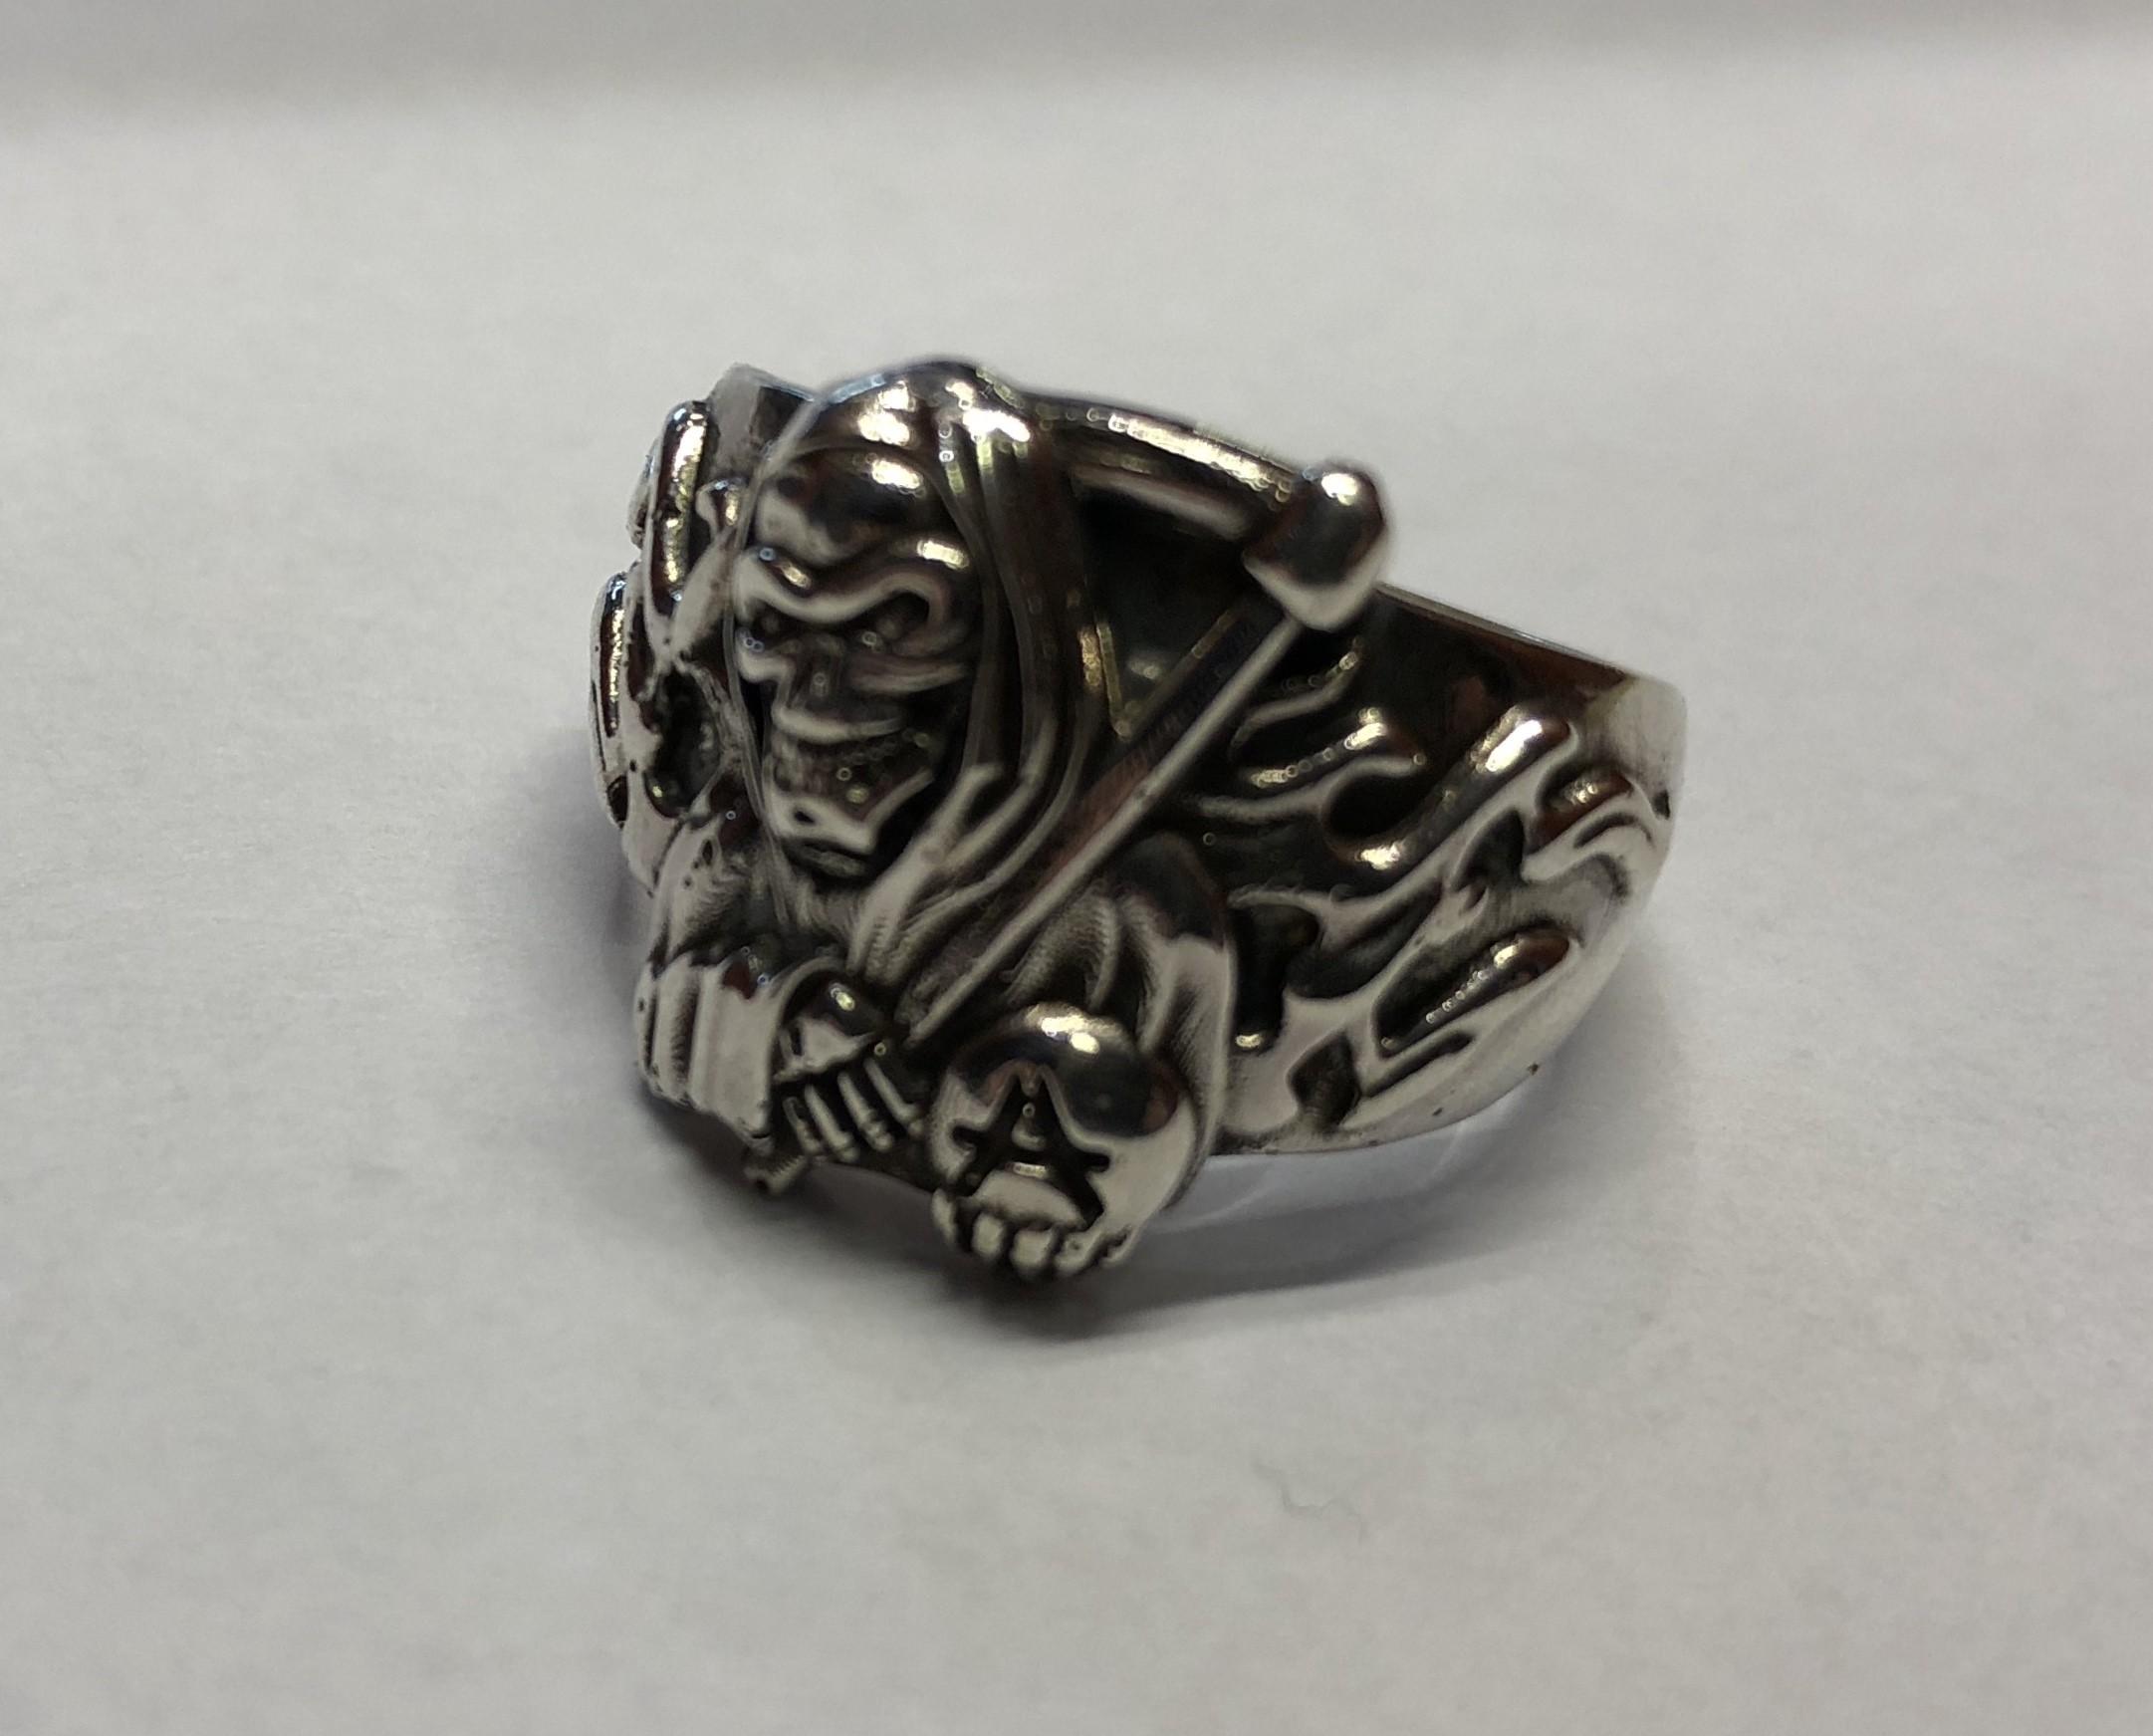 IMG_0390.jpg Download free STL file Reaper ring • 3D printer template, Janusz